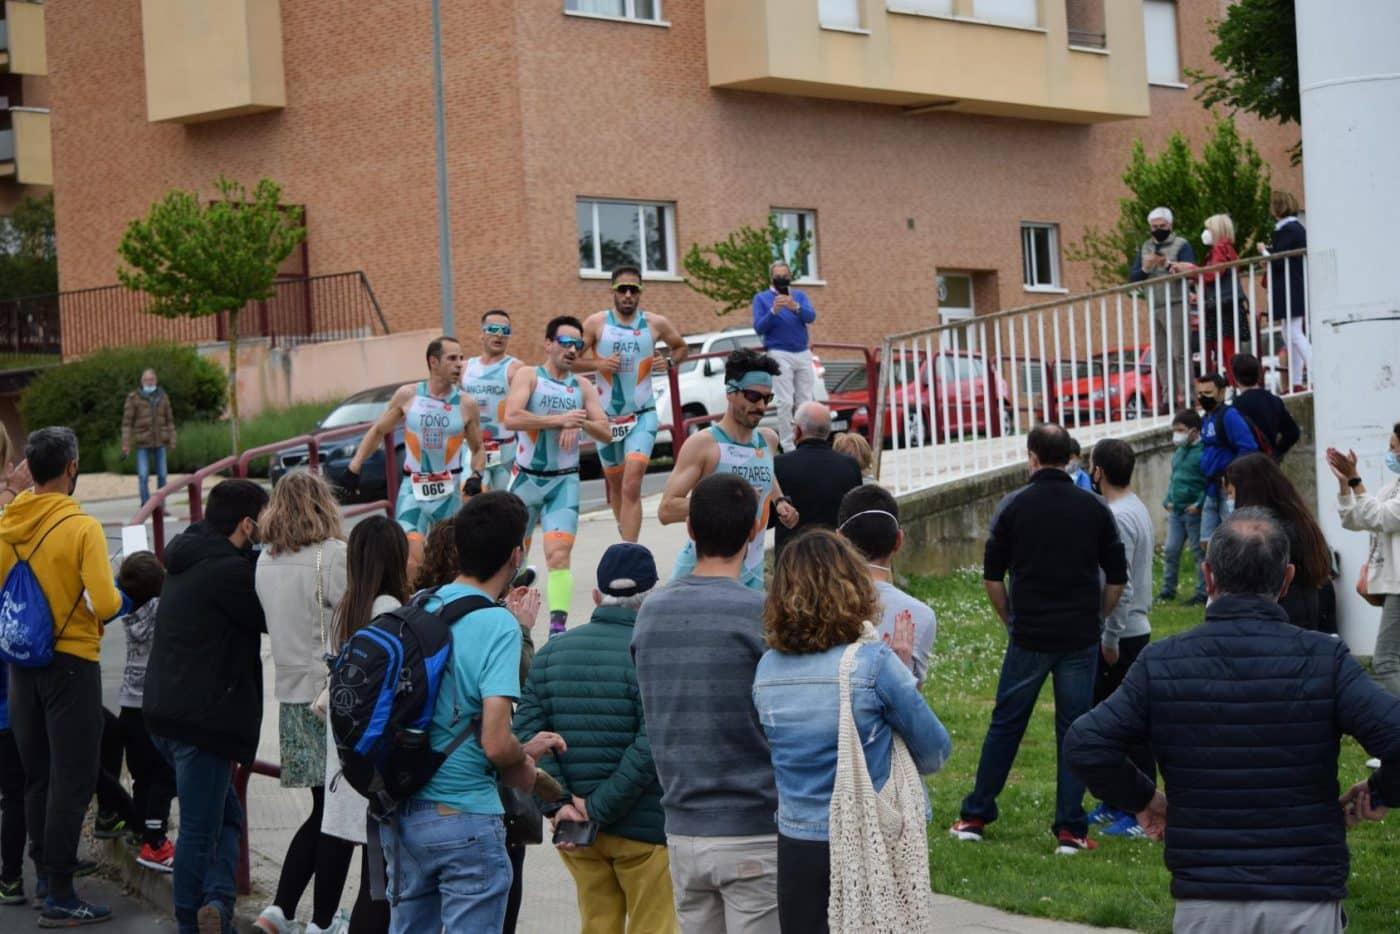 FOTOS: Tritones y Cafés Foronda se imponen en el I Duatlón de Haro 44